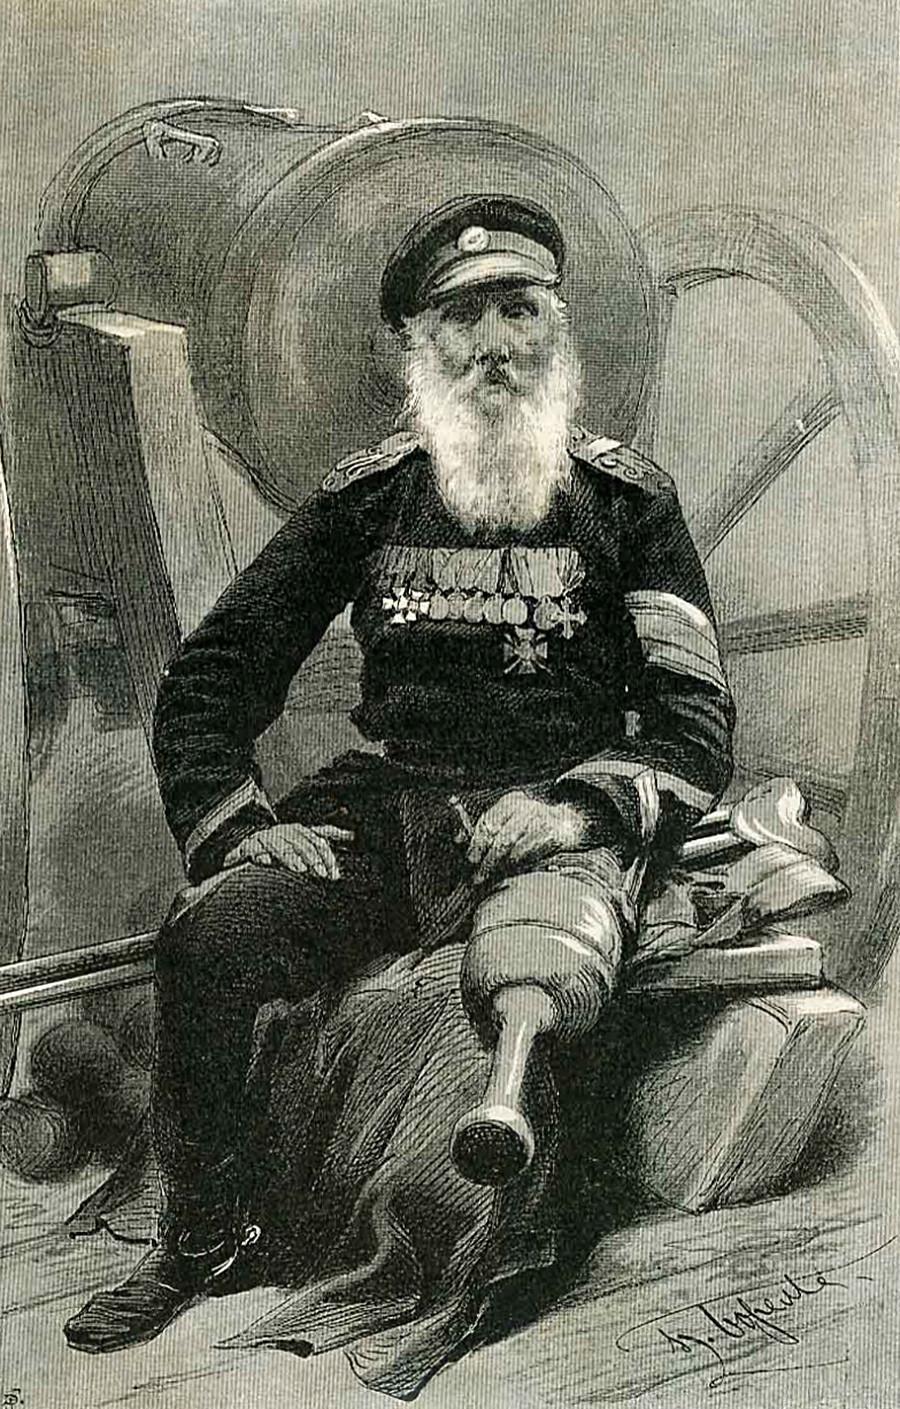 Солдат Василий Кочетков. Рисунок Петра Бореля. «Всемирная иллюстрация» № 1249 от 1 января 1893 года